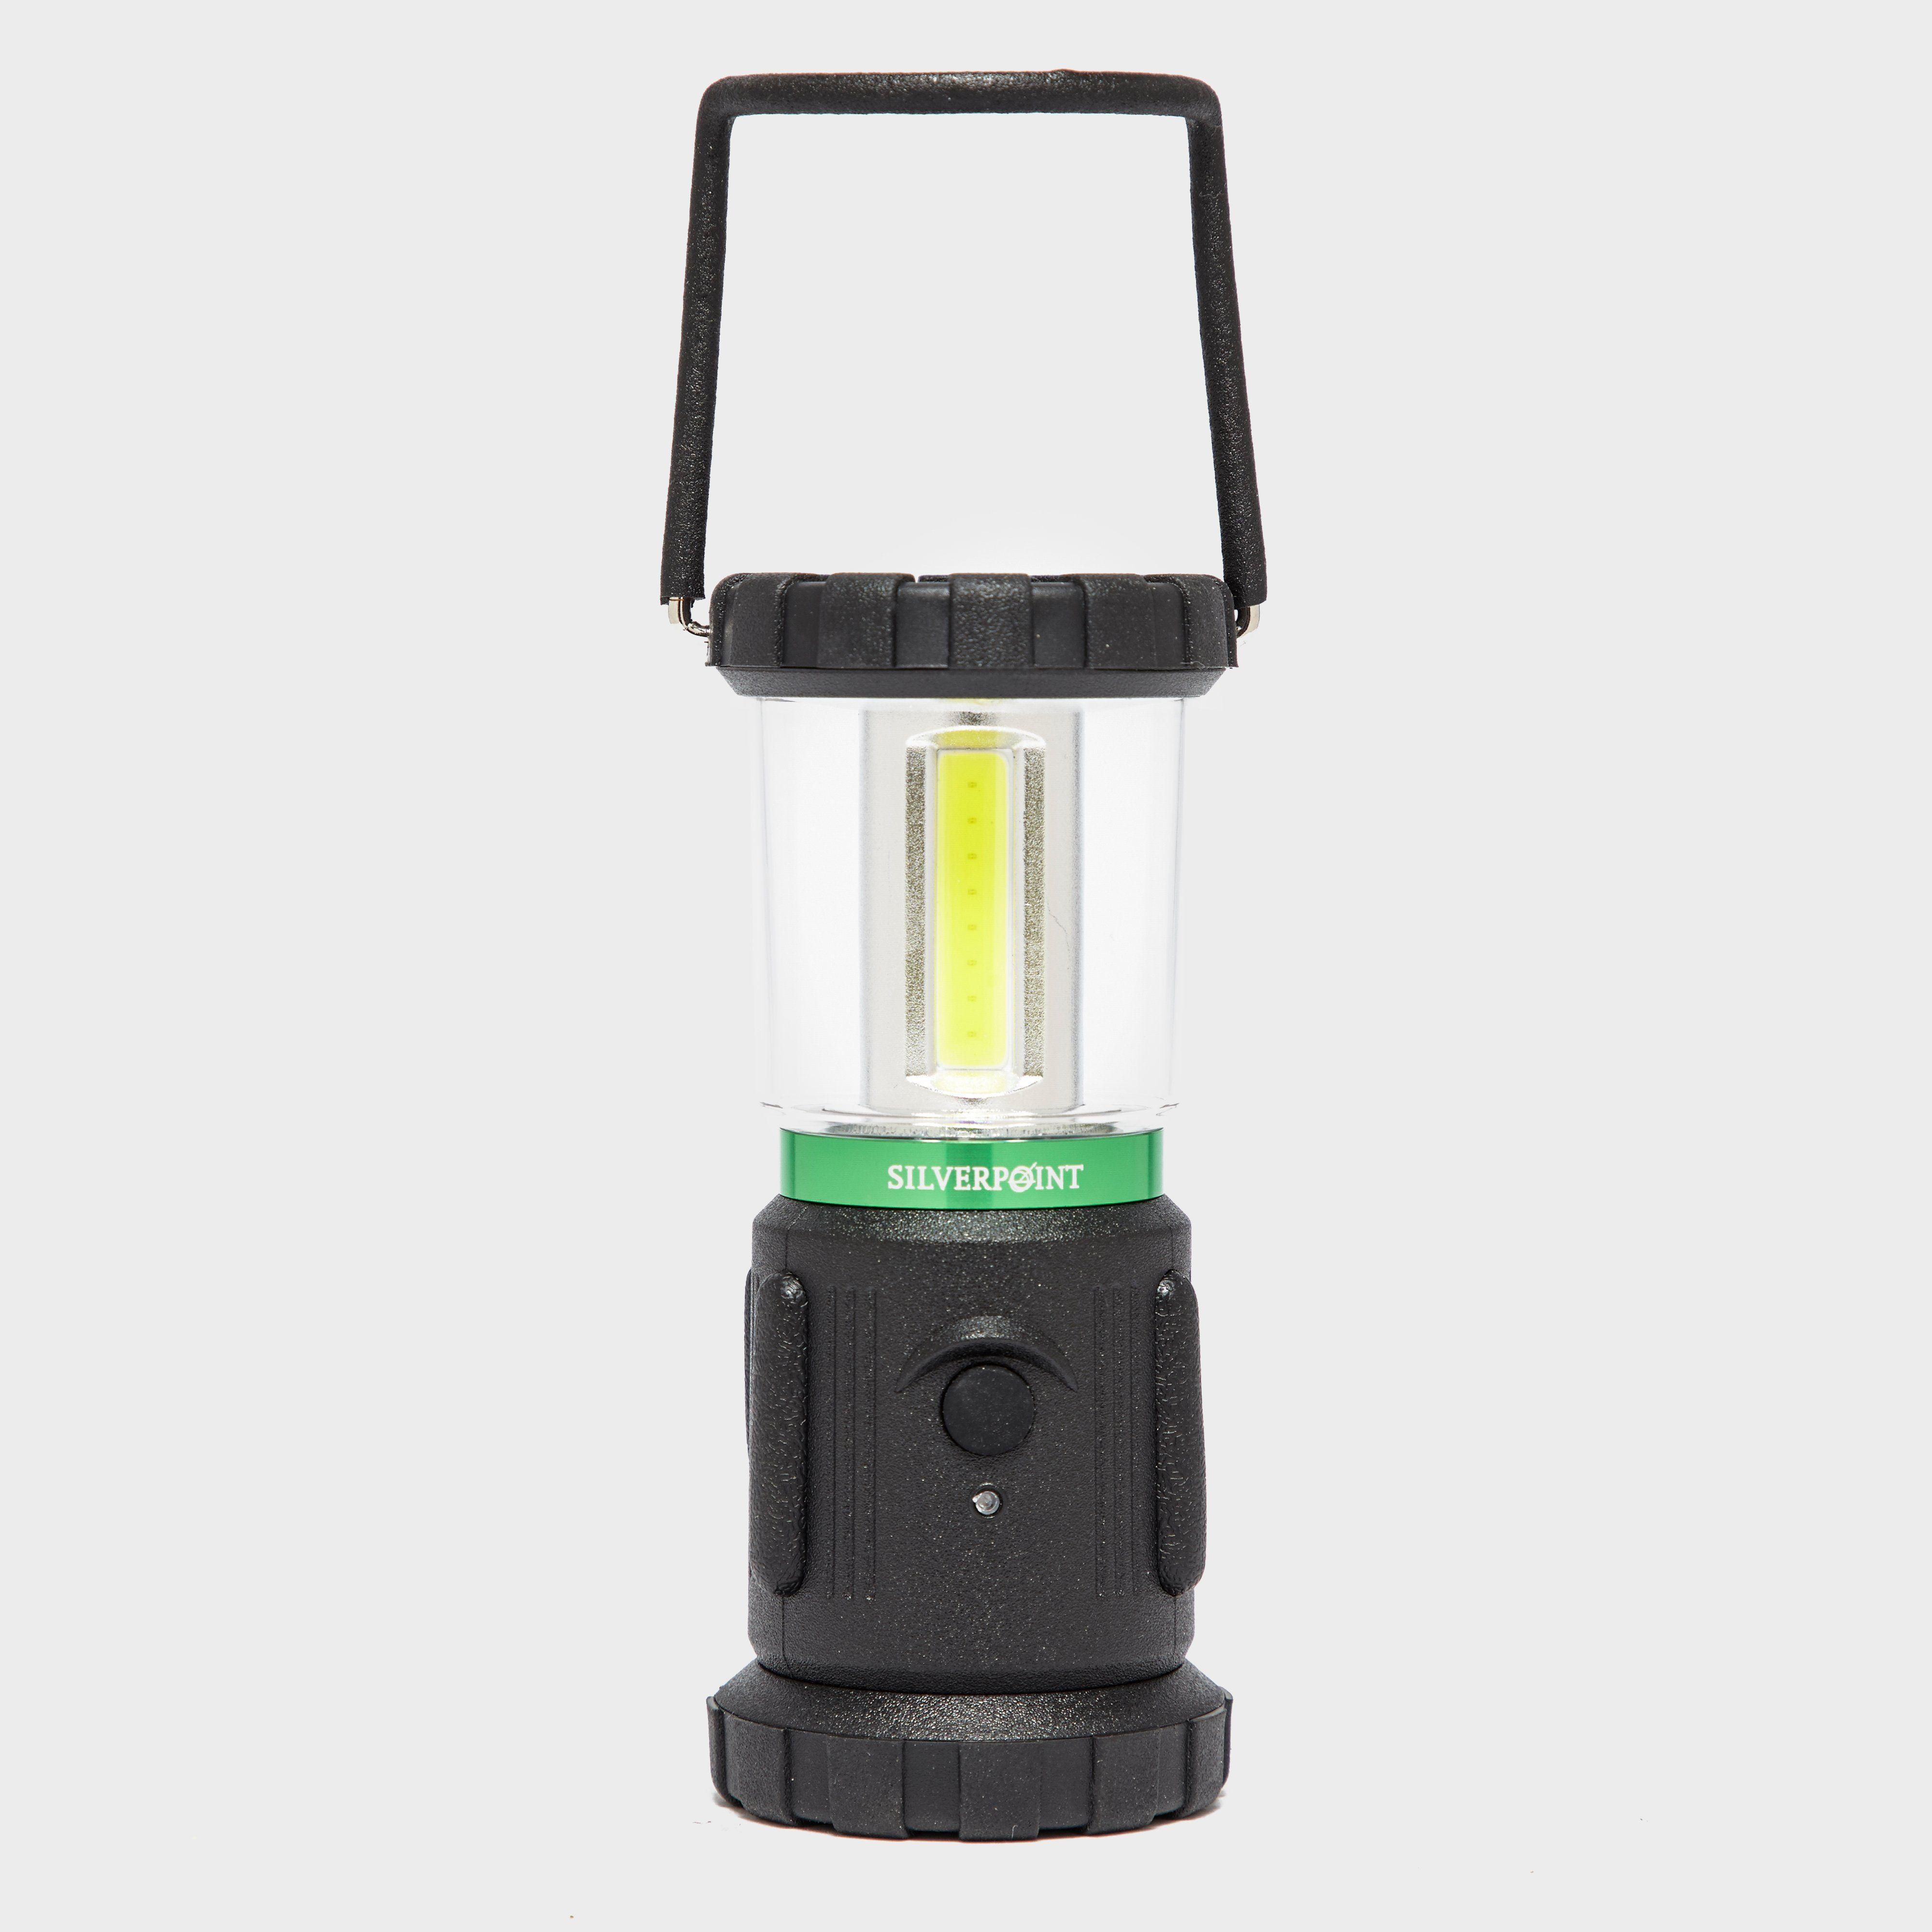 SILVERPOINT Starlight X150 Lantern